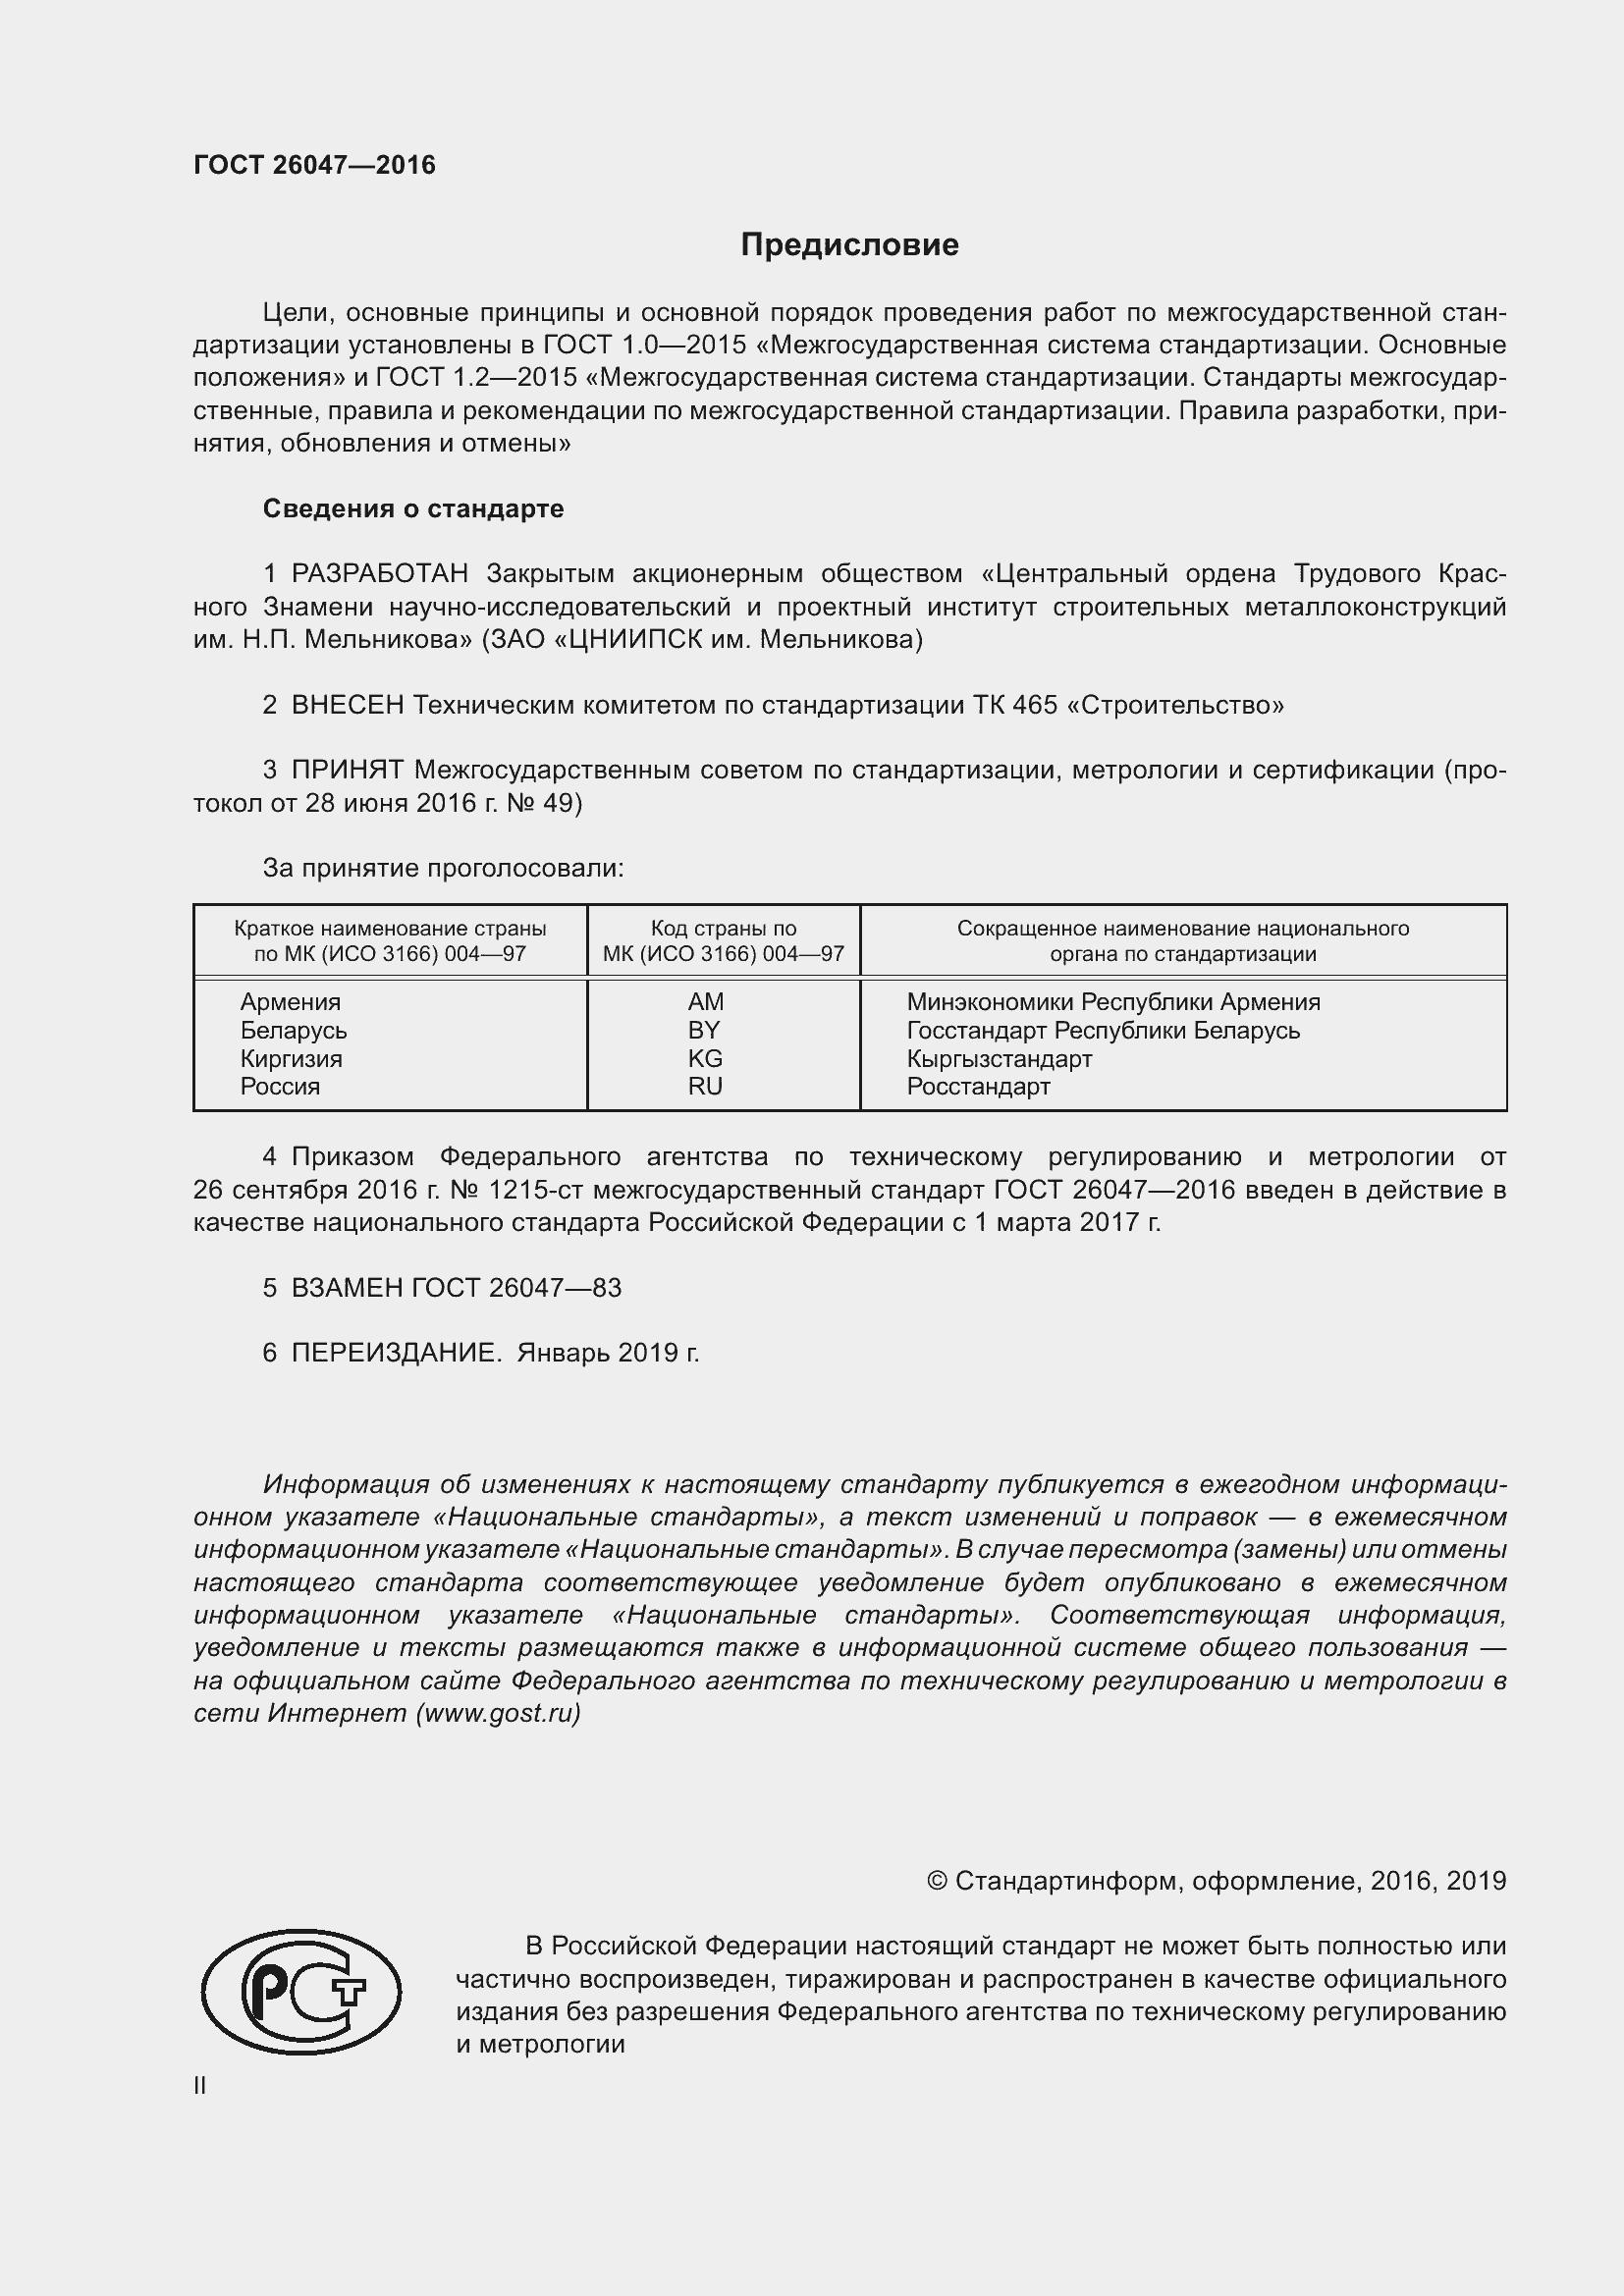 Гост 26047 83 скачать pdf